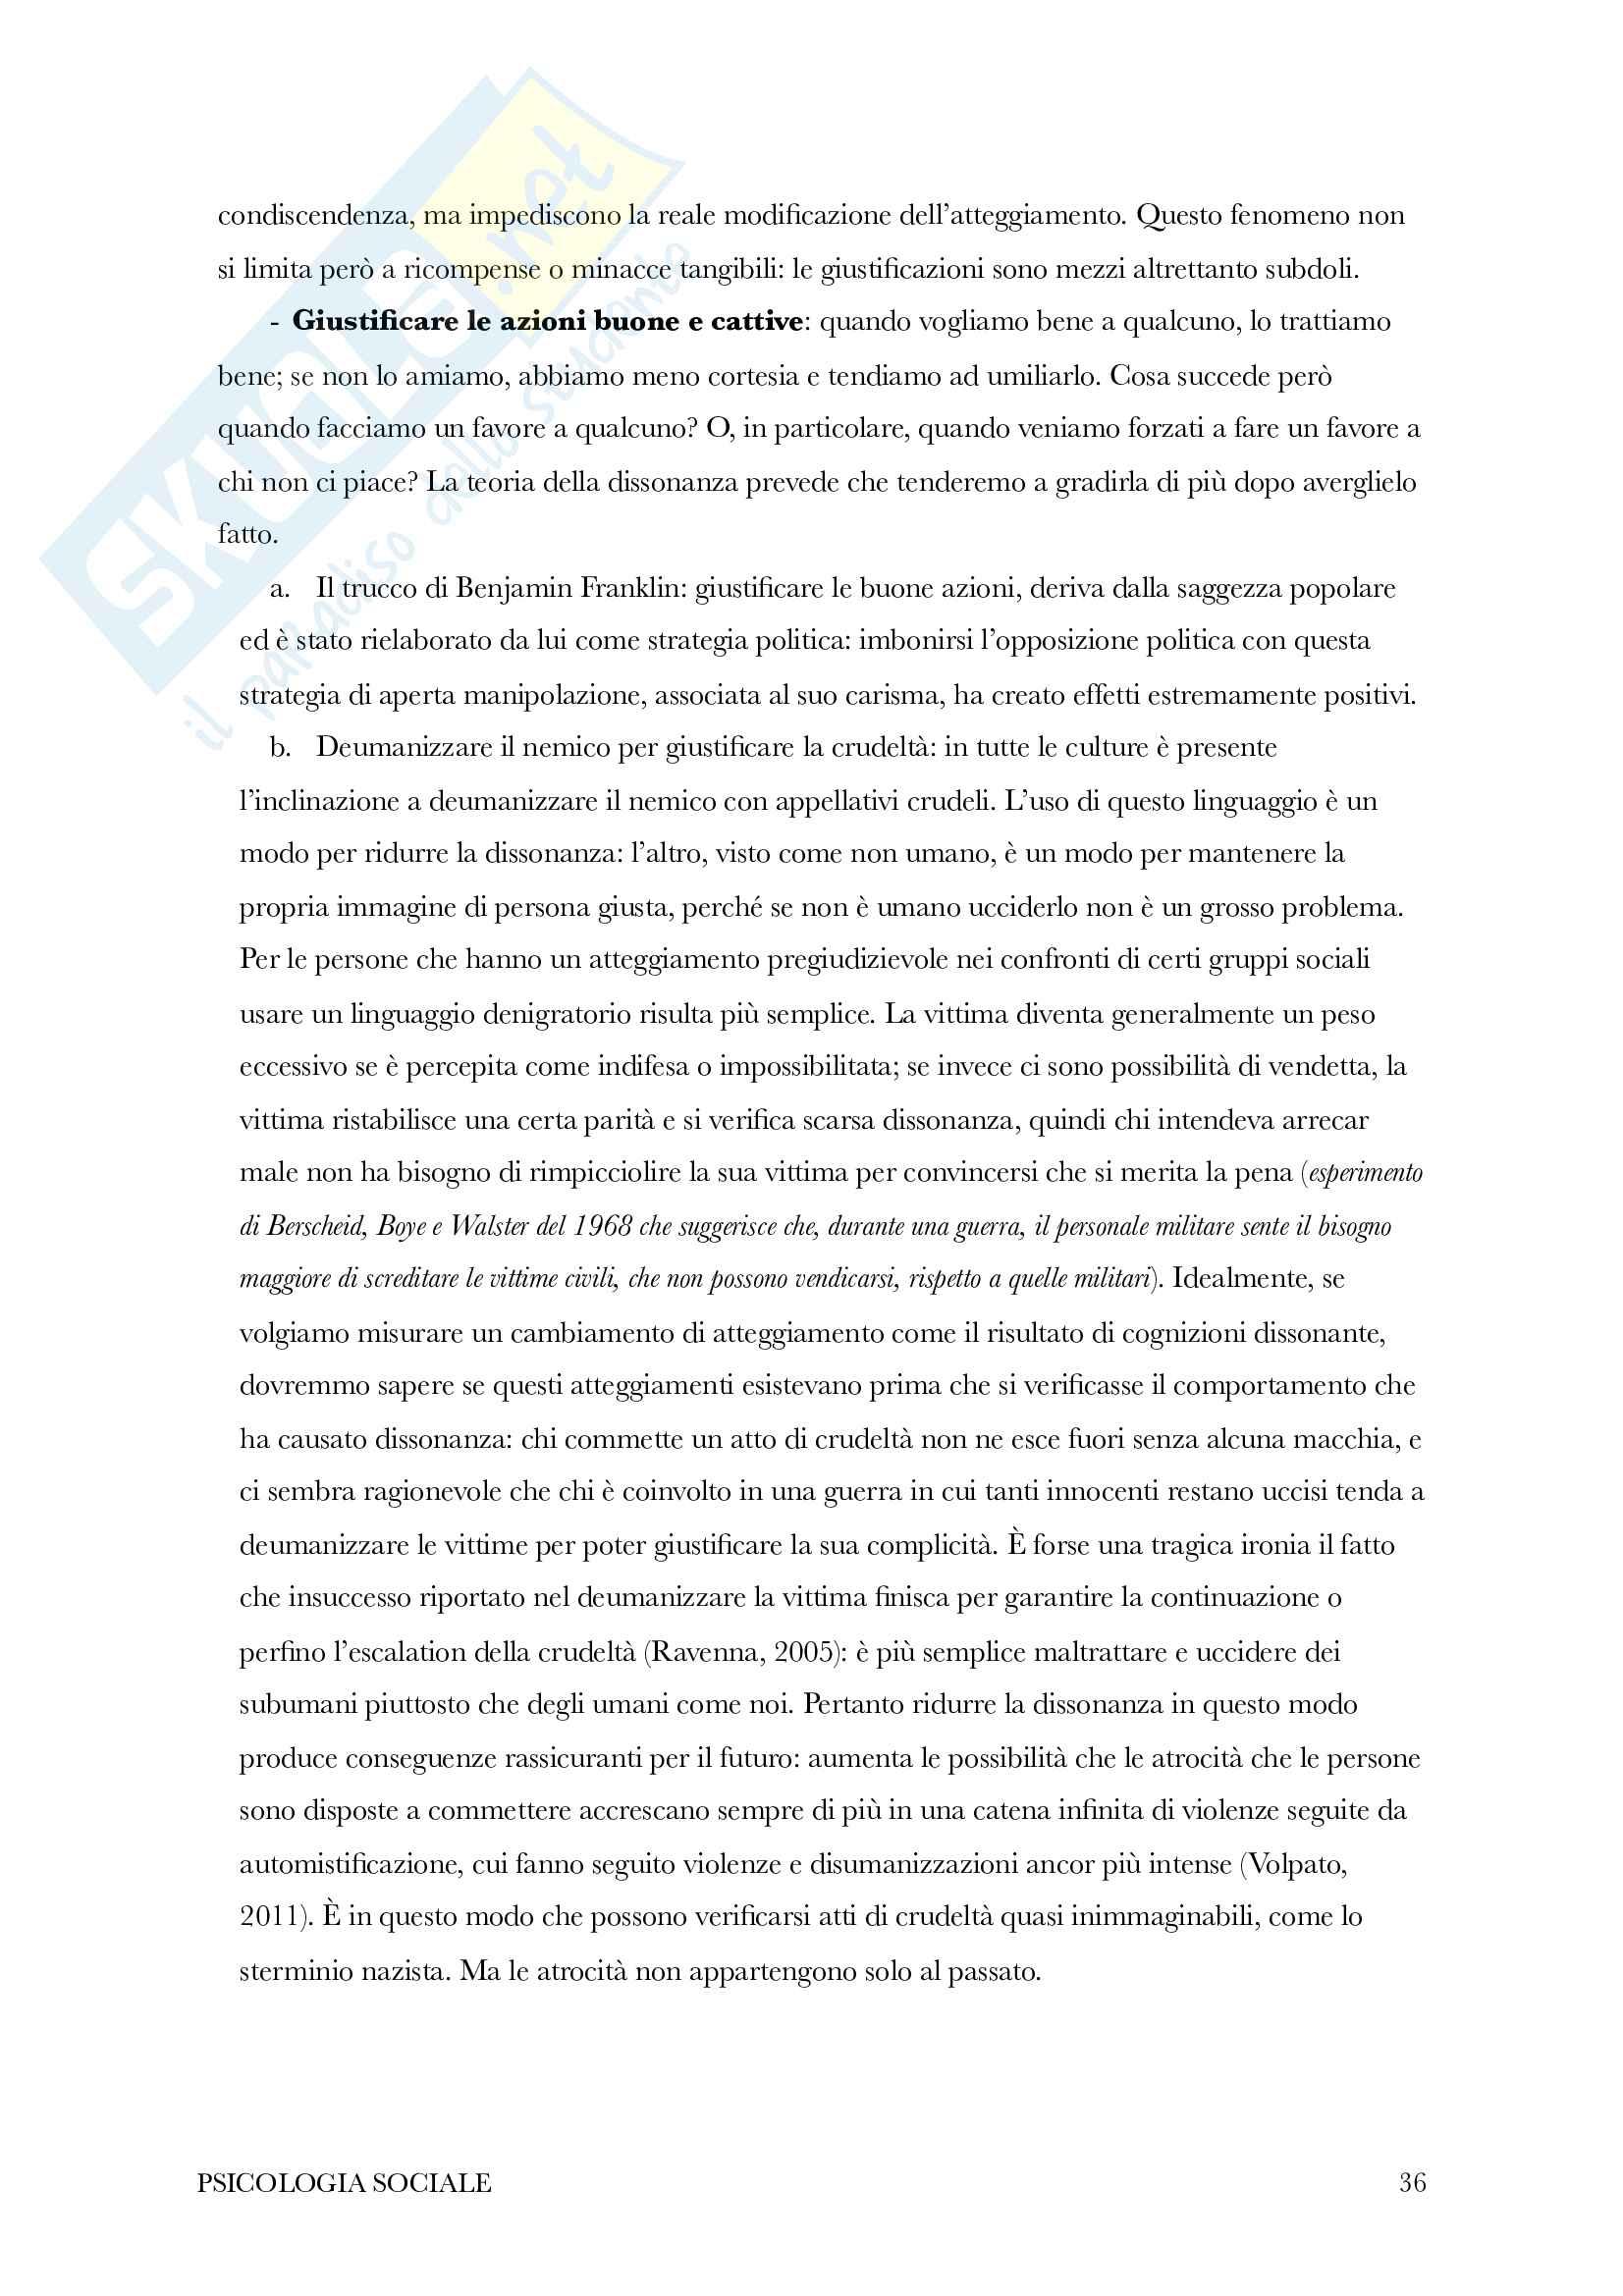 Riassunto di psicologia sociale Pag. 36